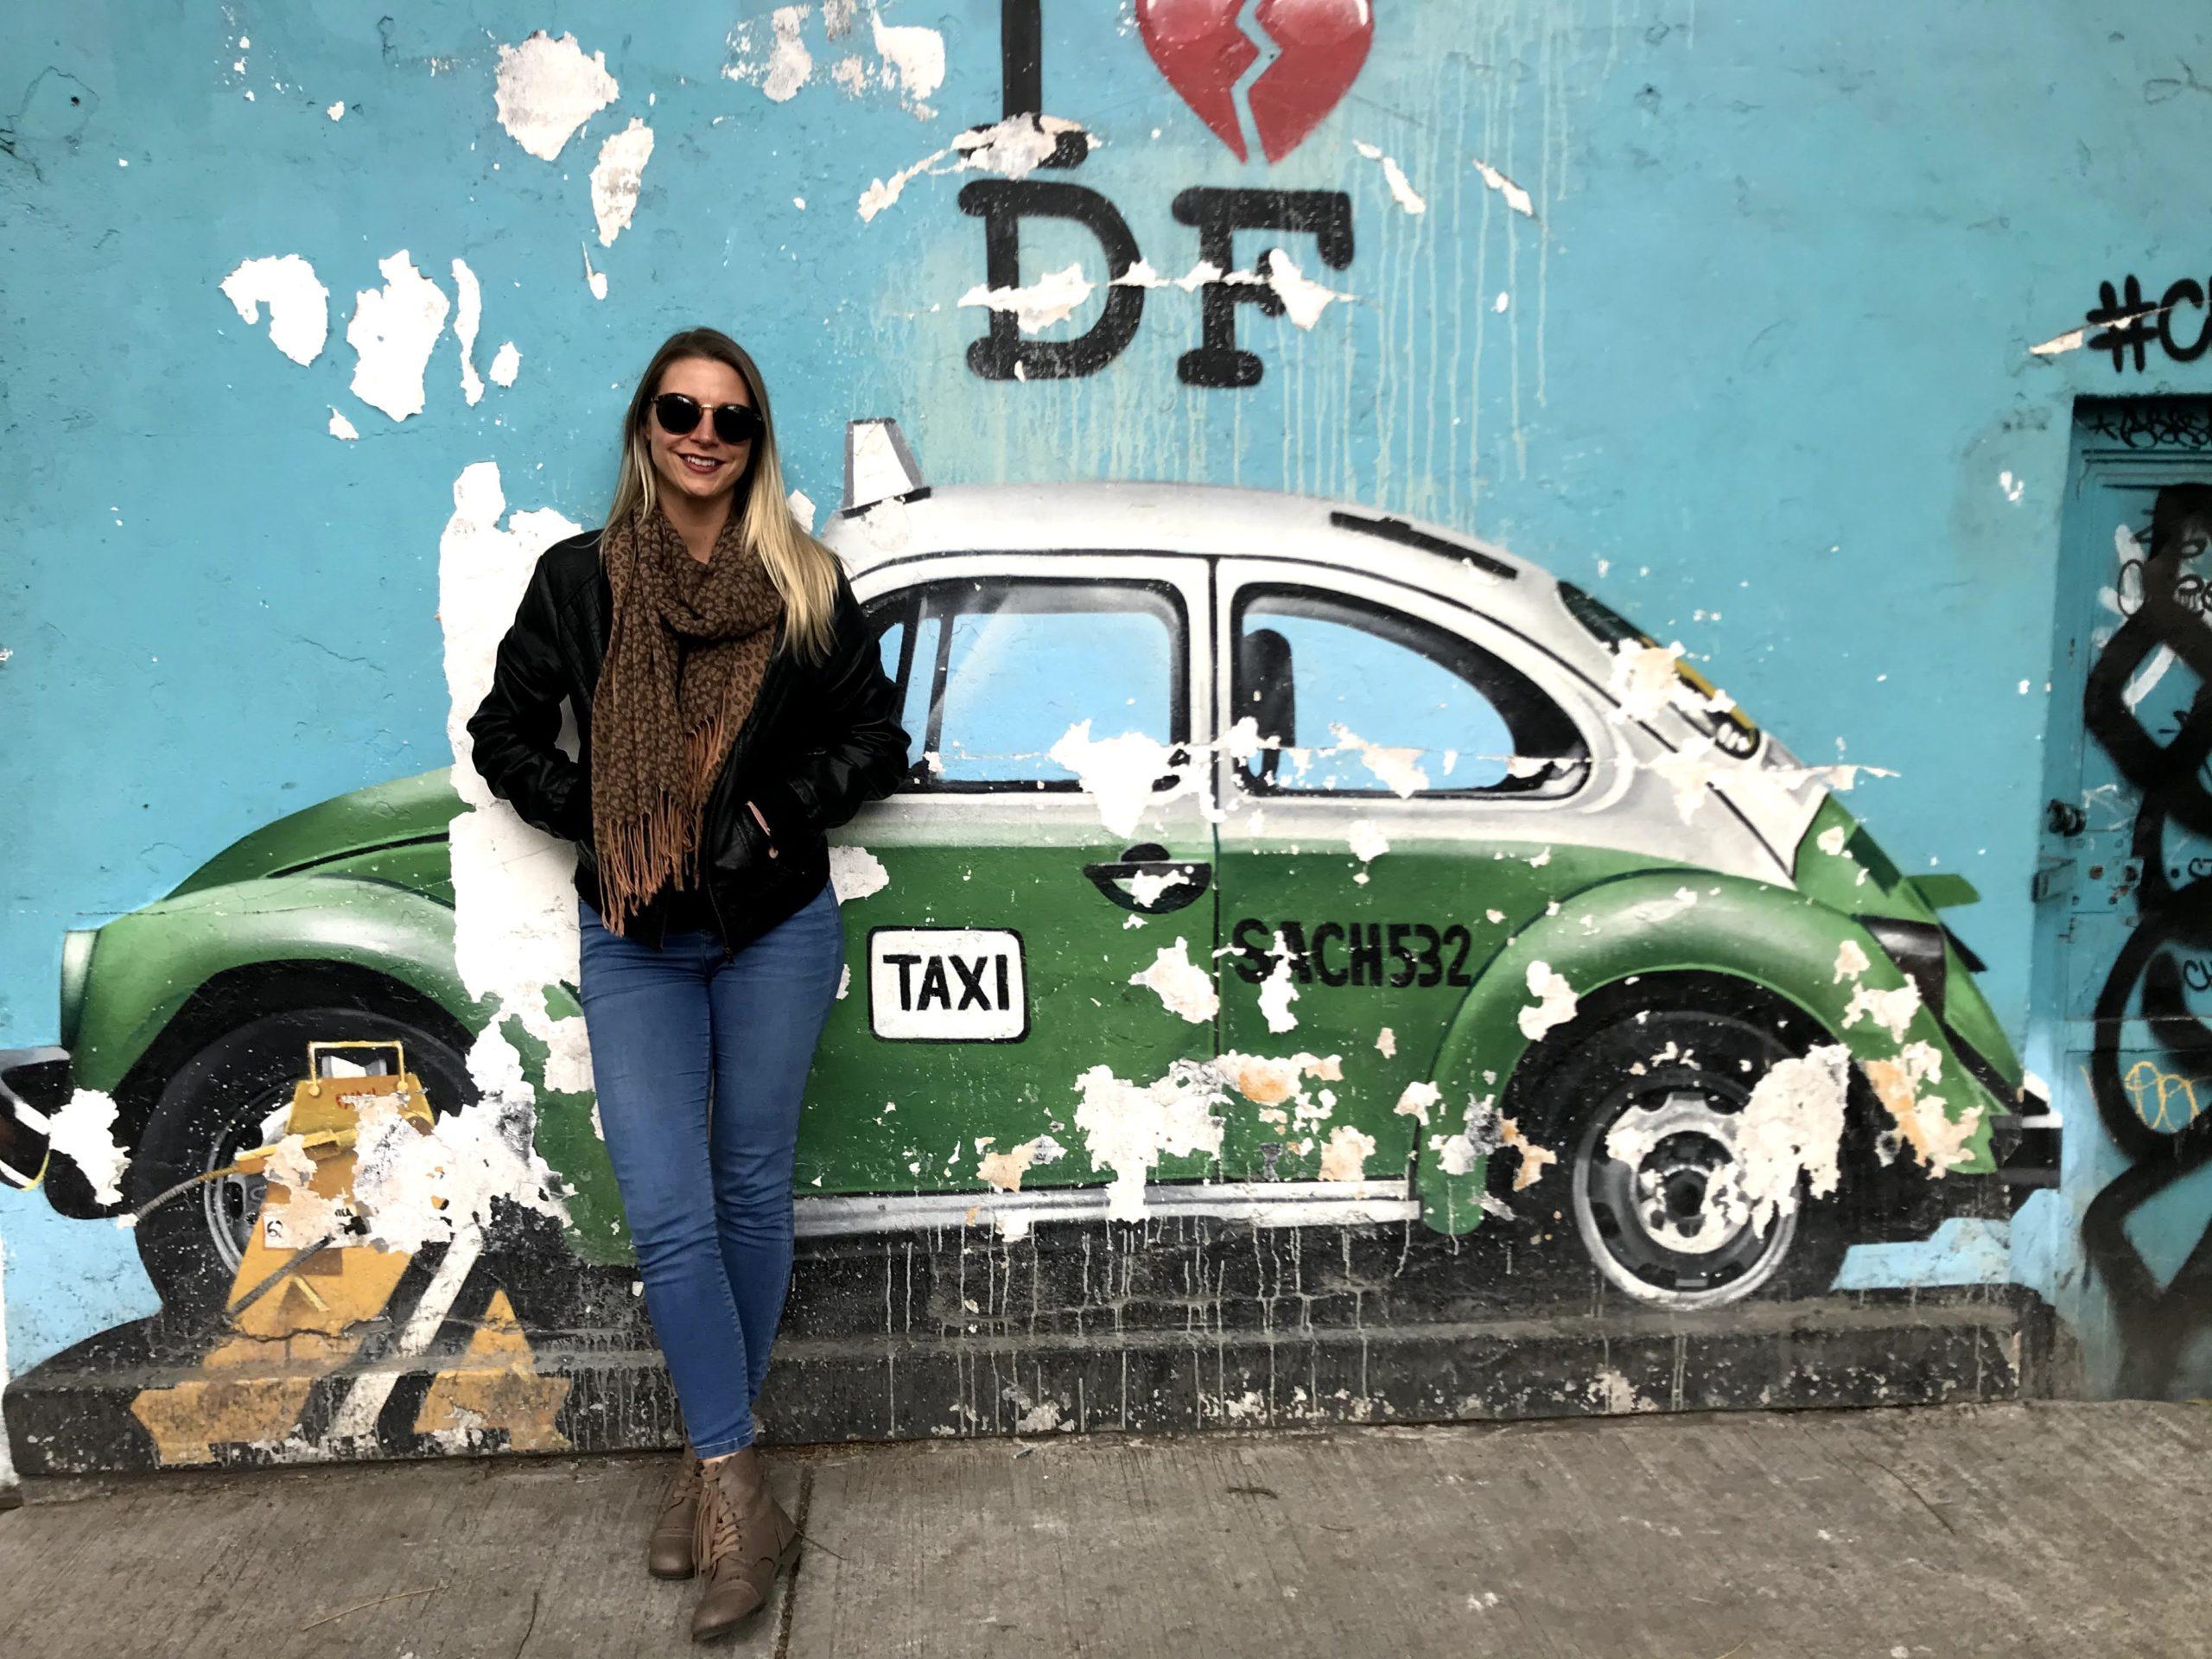 Mexico City, CDMX, DF, Ciudad de Mexico, visiting Mexico City, traveling in Mexico City, things to do in Mexico City, Mexico City travel, things to do in CDMX, Toni Wheel, Antoinette Weil, awheelinthesky, learning spanish in Mexico City